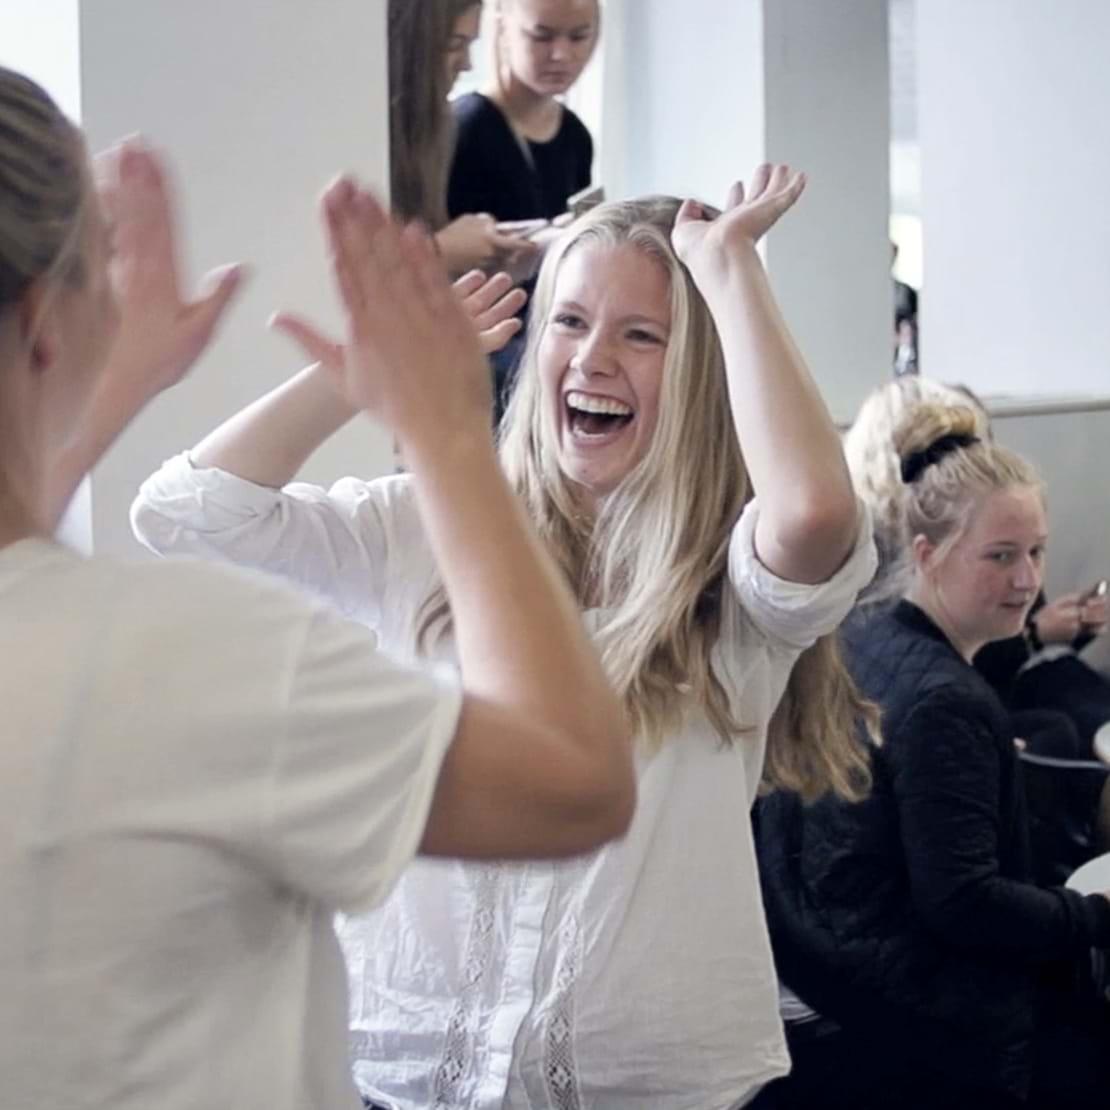 Elever som giver high-fives og har øl på bordet i forbindelse med fredagsbar